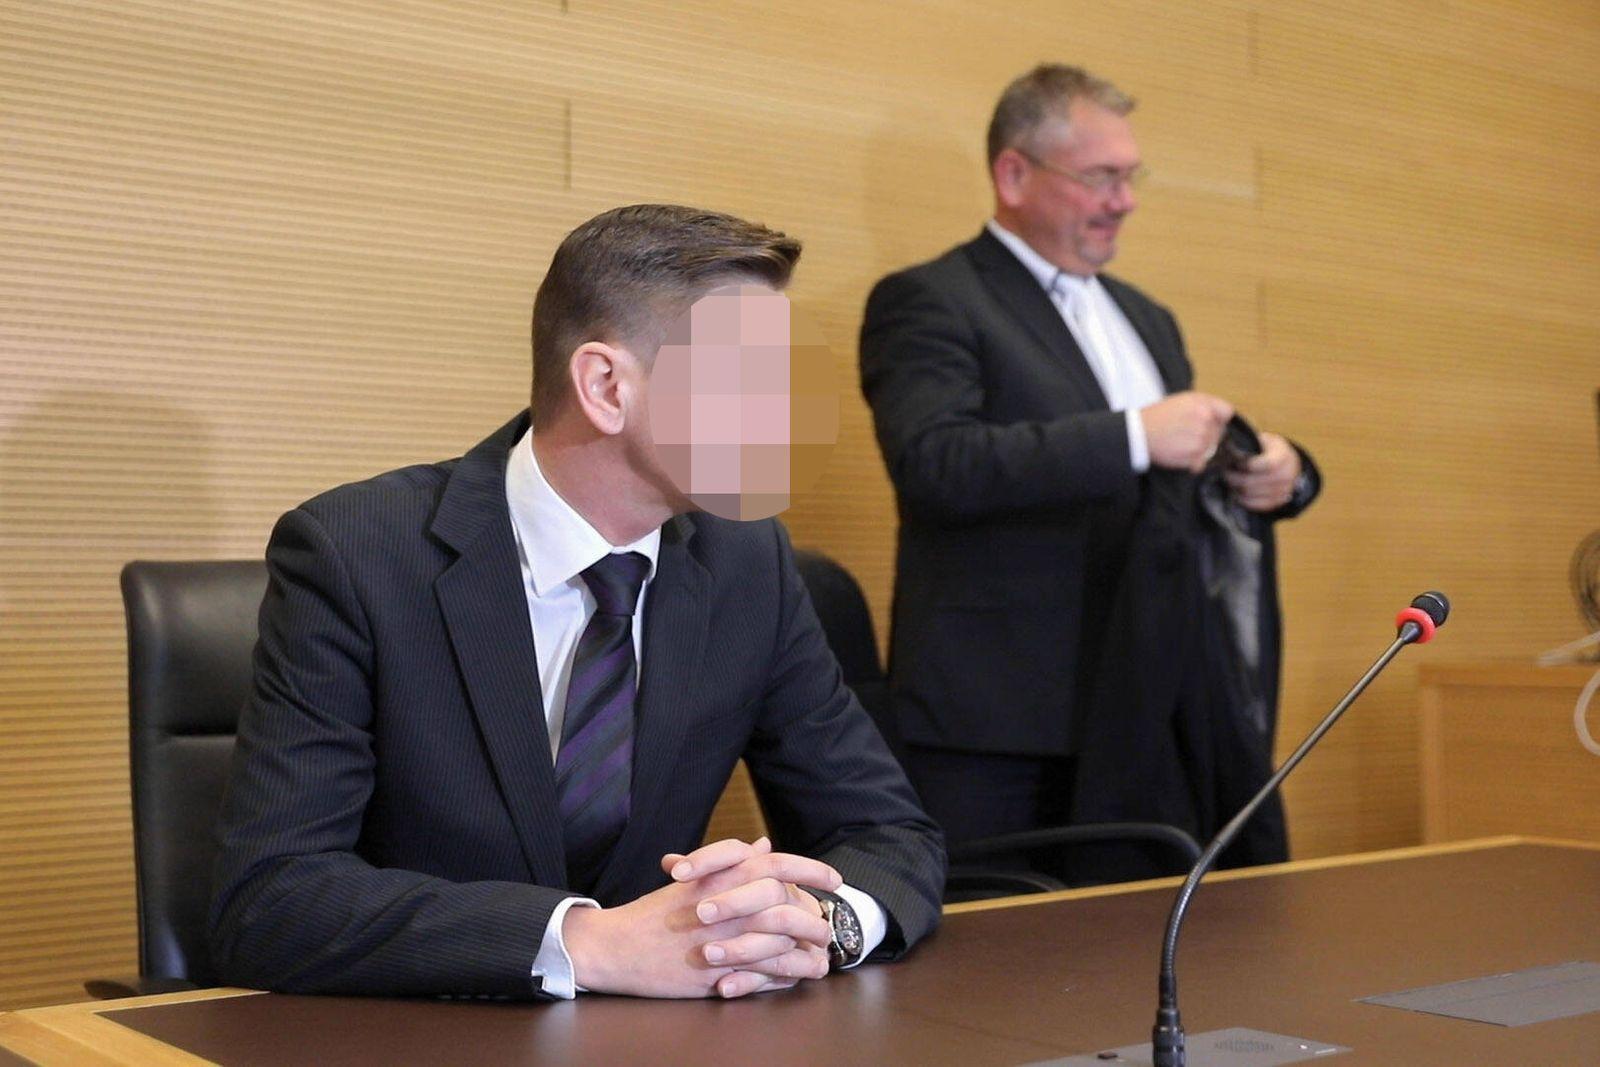 Im Bild: Der suspendierte JVA-Beamte Daniel Zabel Dresden - Prozess: JVA-Beamter ver?ffentlichte Haftbefehl *** In the